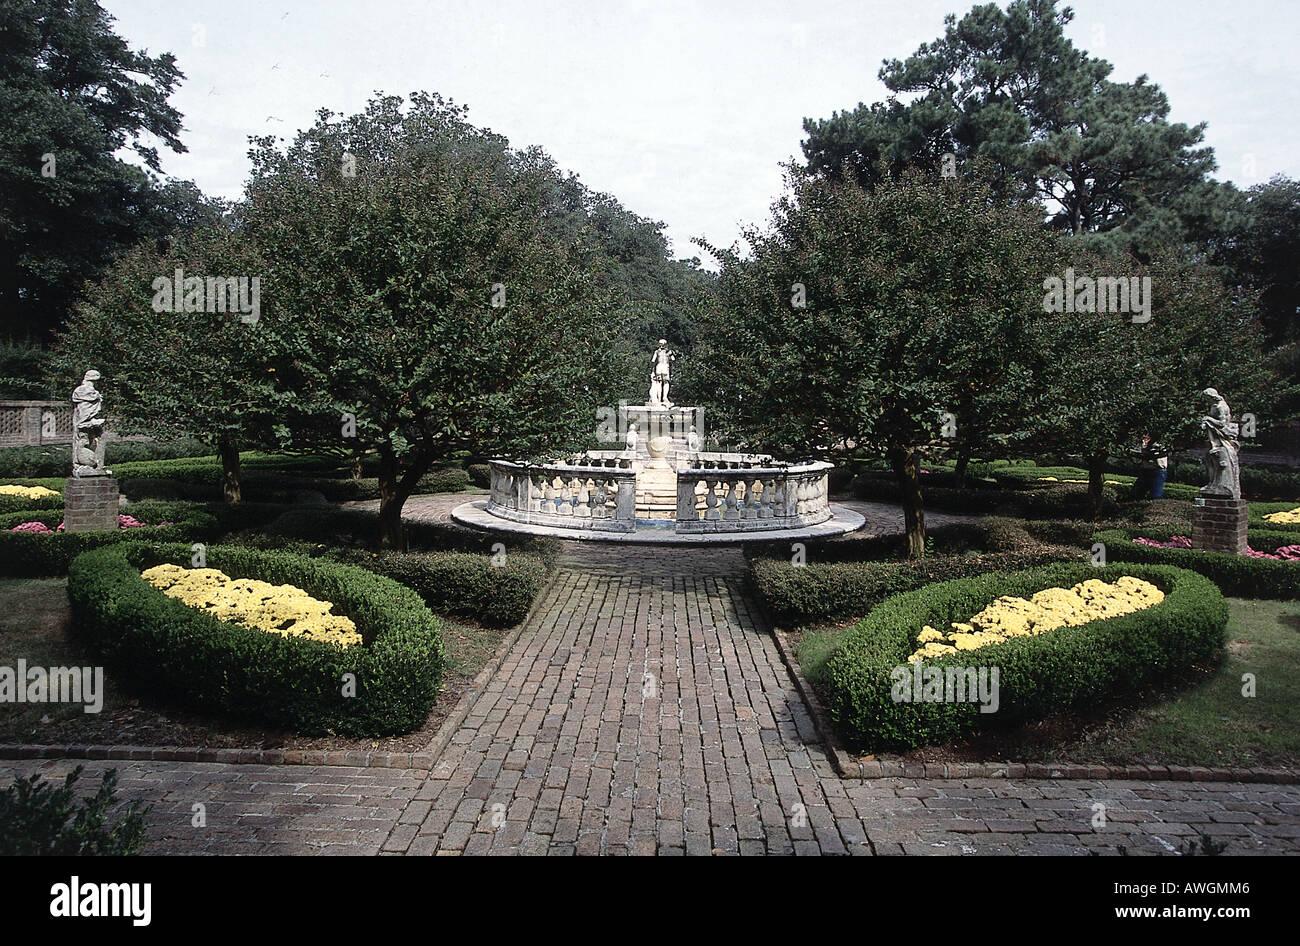 USA, North Carolina, Roanoke Island, Elizabethan Gardens, - Stock Image